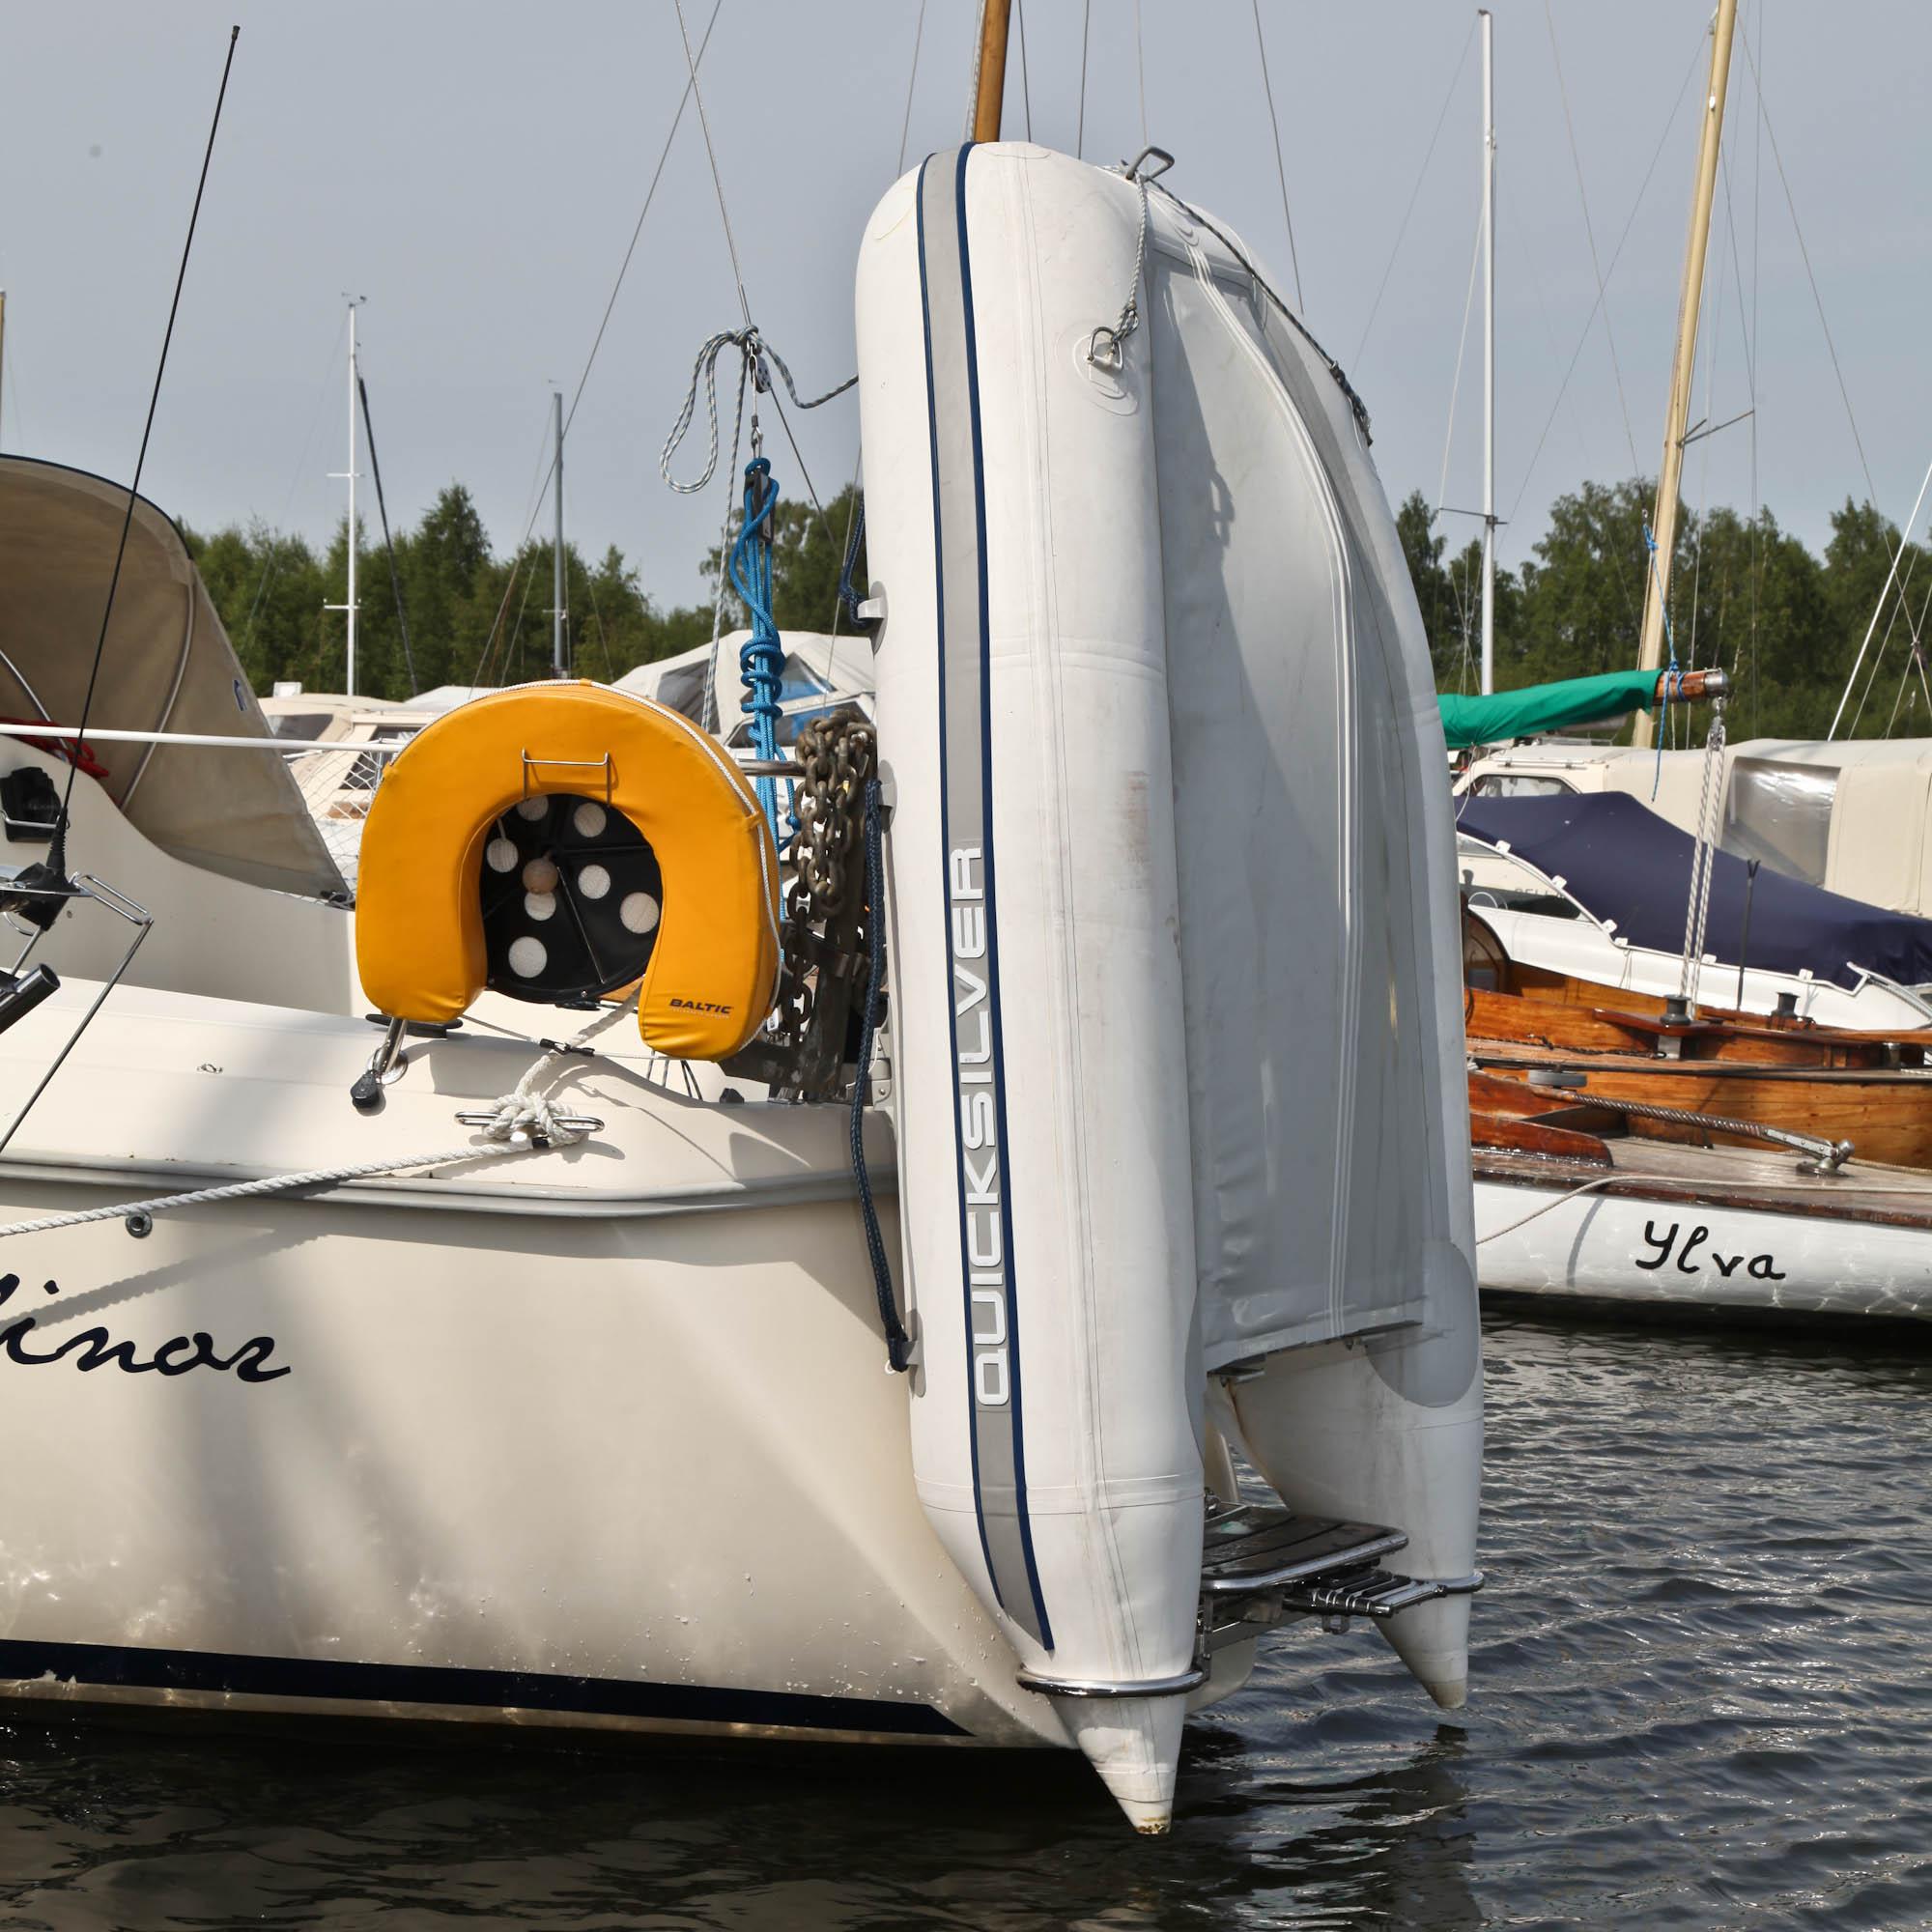 DR segelbåt jolle rest